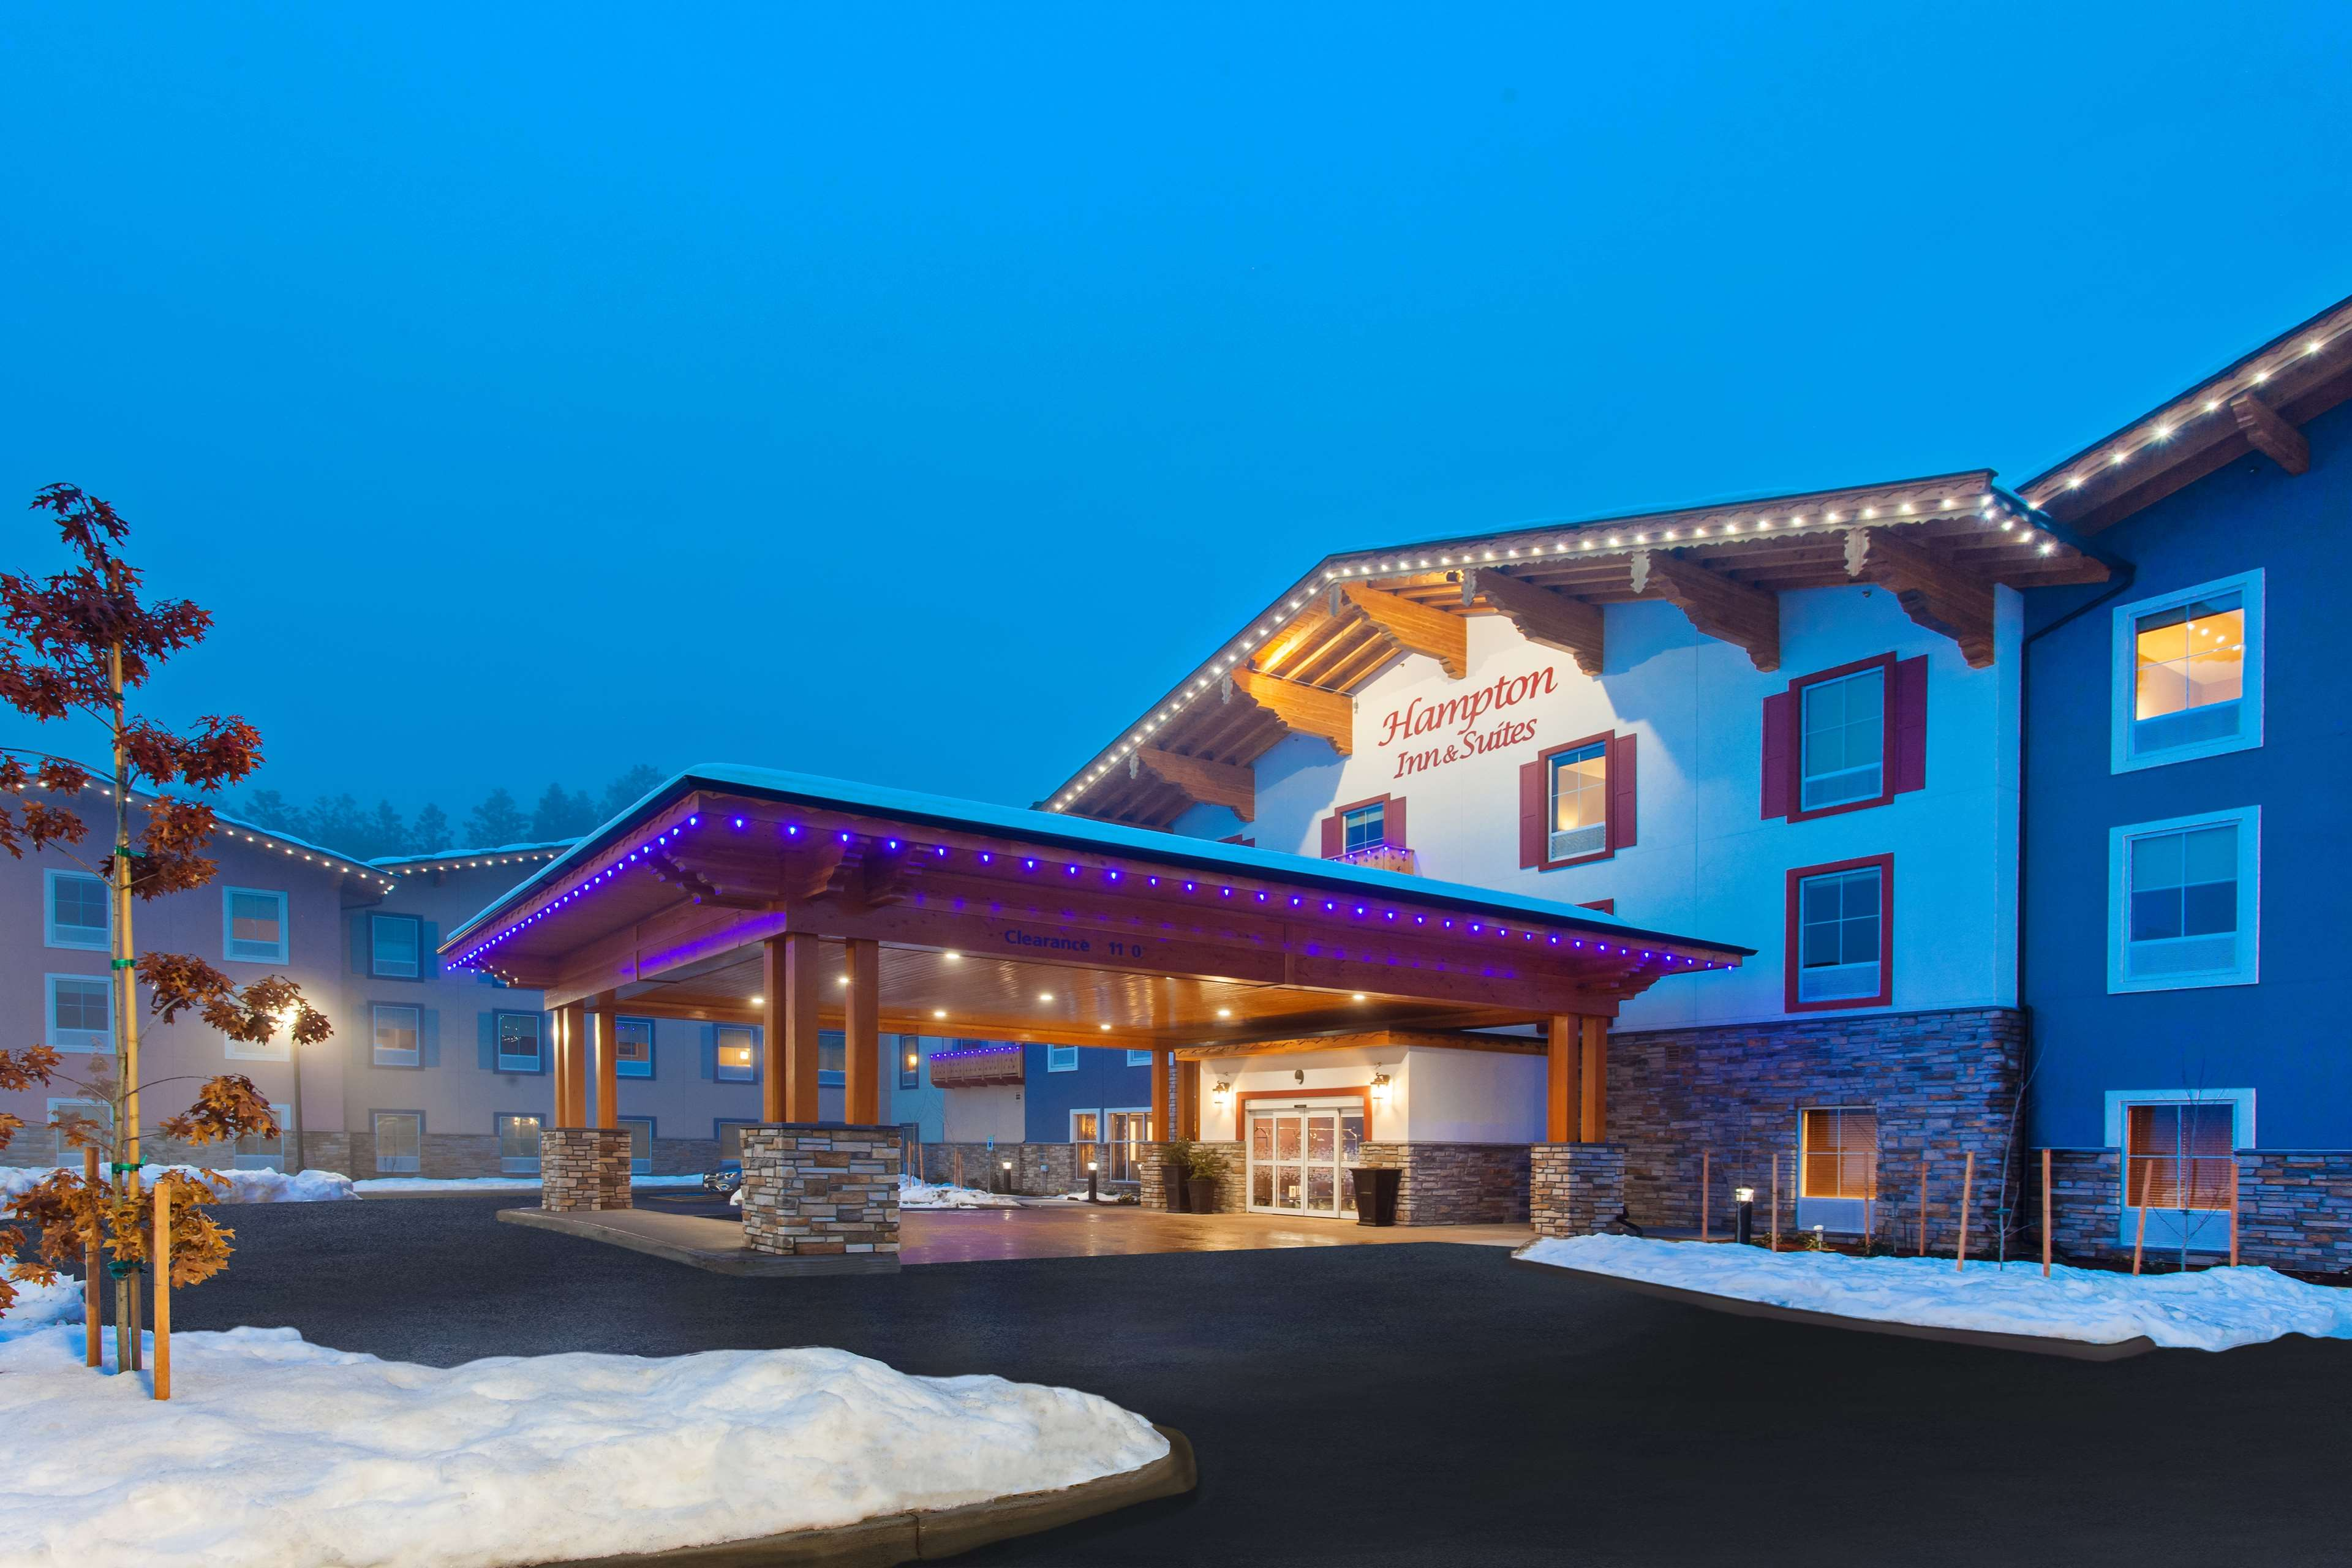 Hampton Inn & Suites Leavenworth image 1